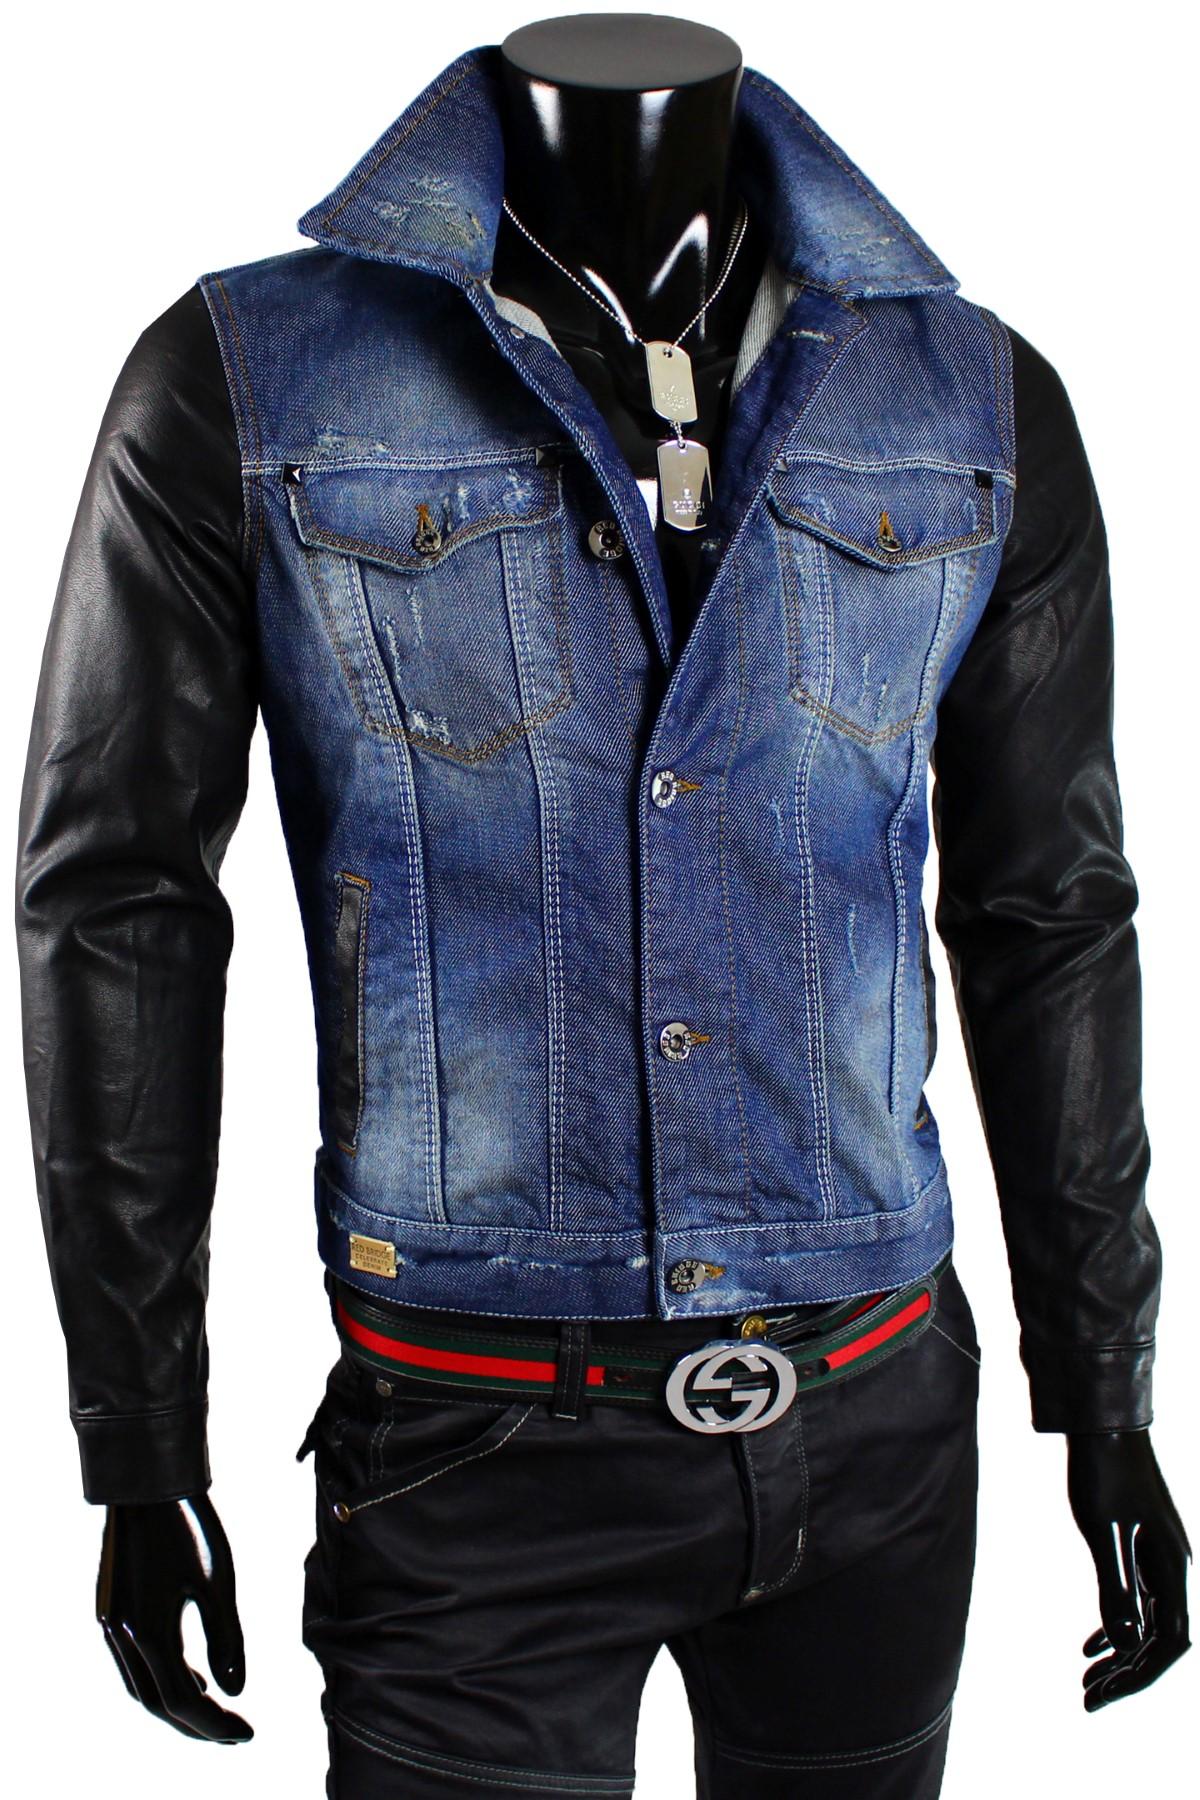 redbridge by cipo baxx herren jeans jacke biker dope. Black Bedroom Furniture Sets. Home Design Ideas